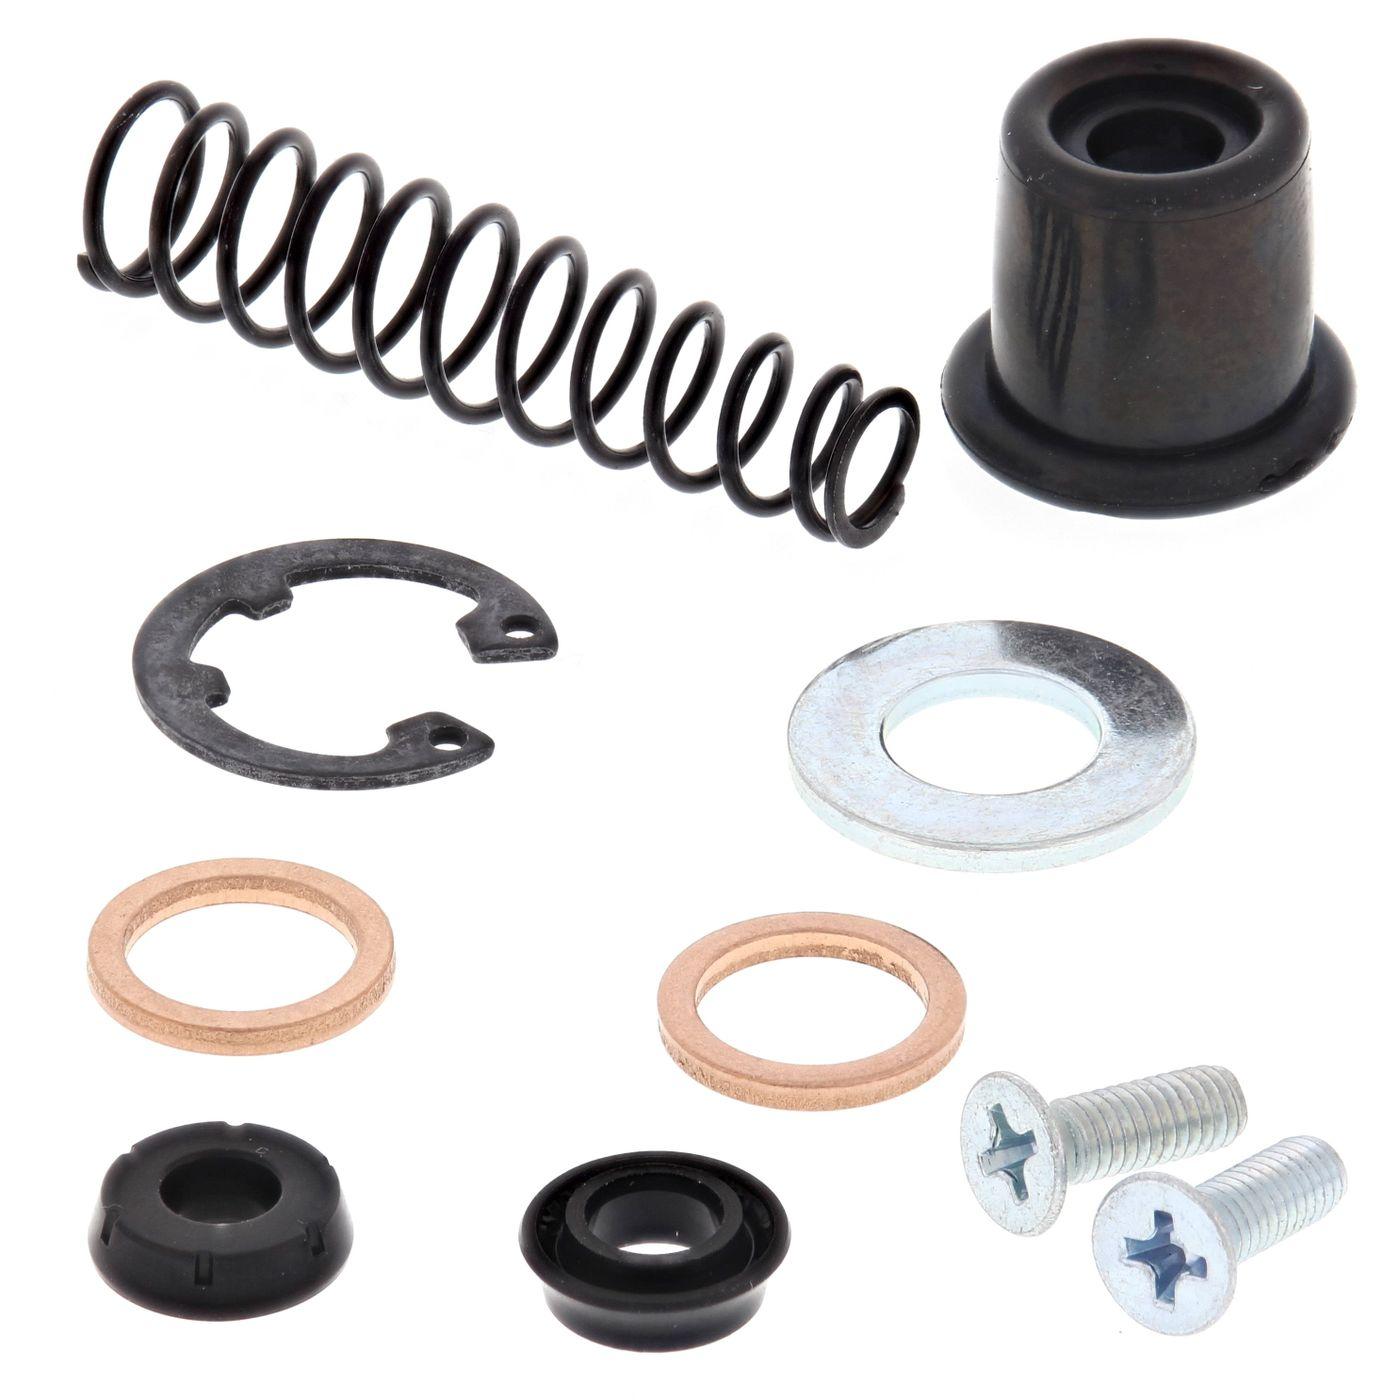 Wrp Master Cylinder Repair Kit - WRP181002 image